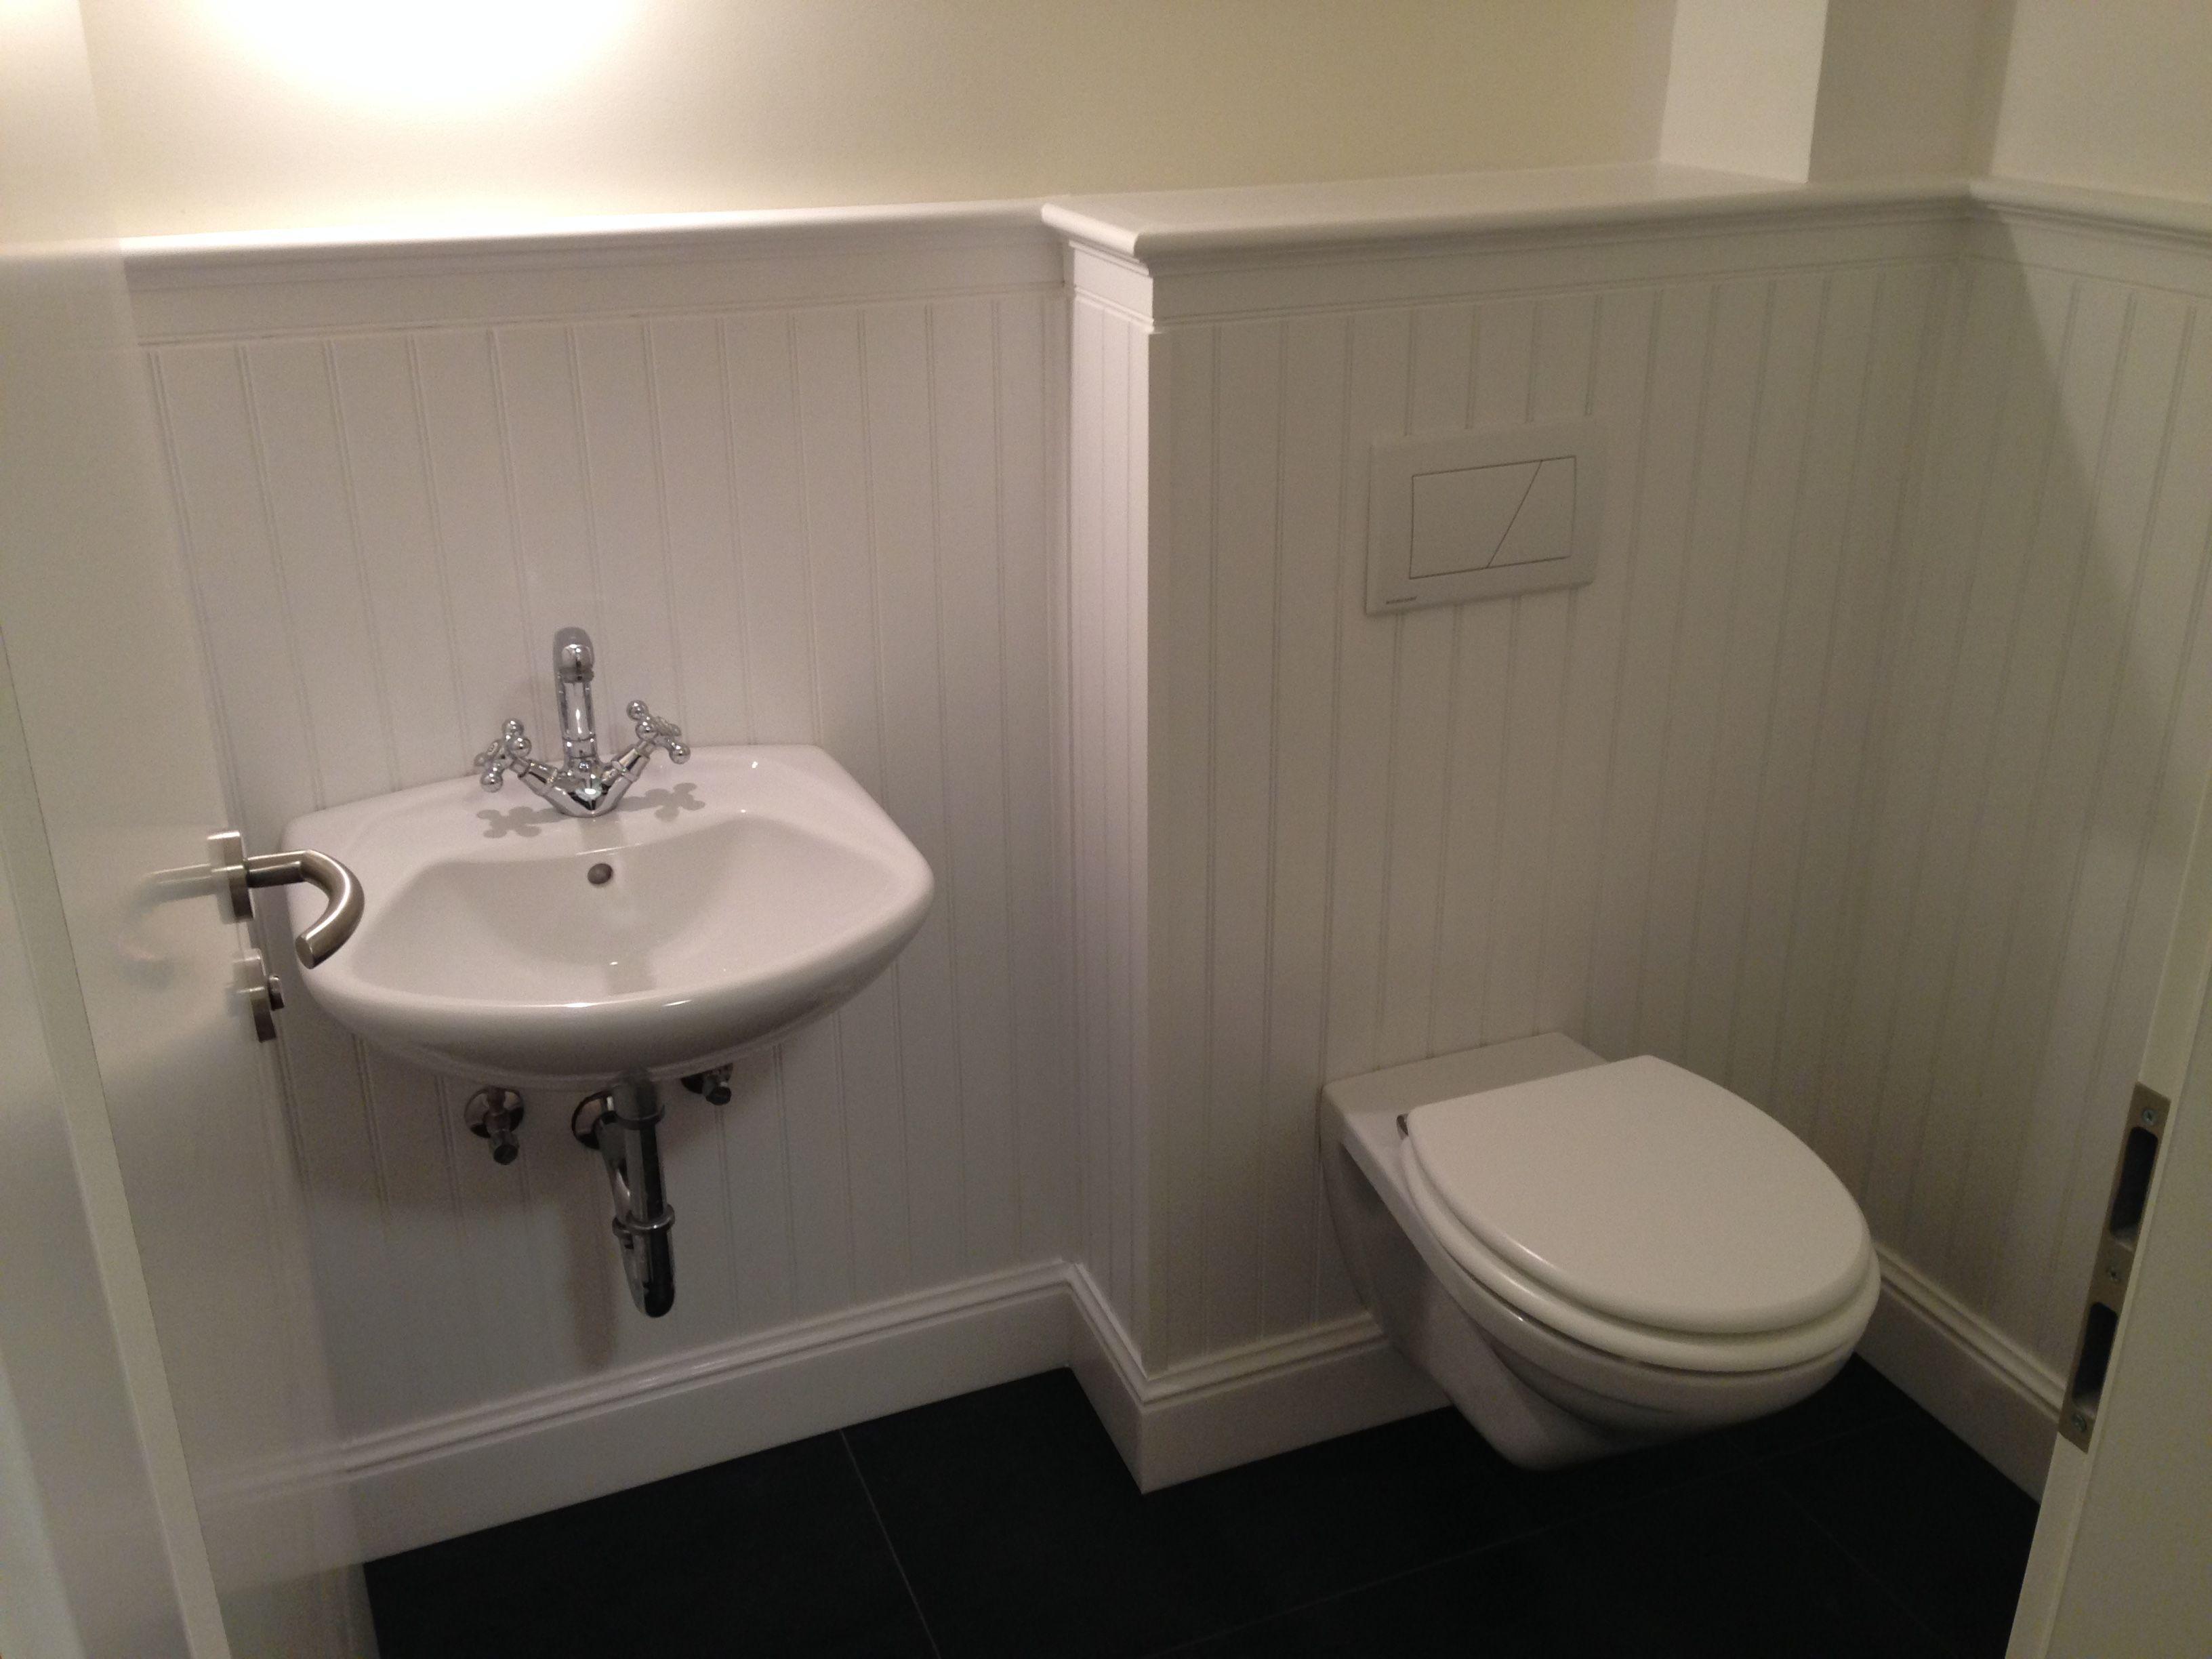 g ste wc powder room no tiles. Black Bedroom Furniture Sets. Home Design Ideas